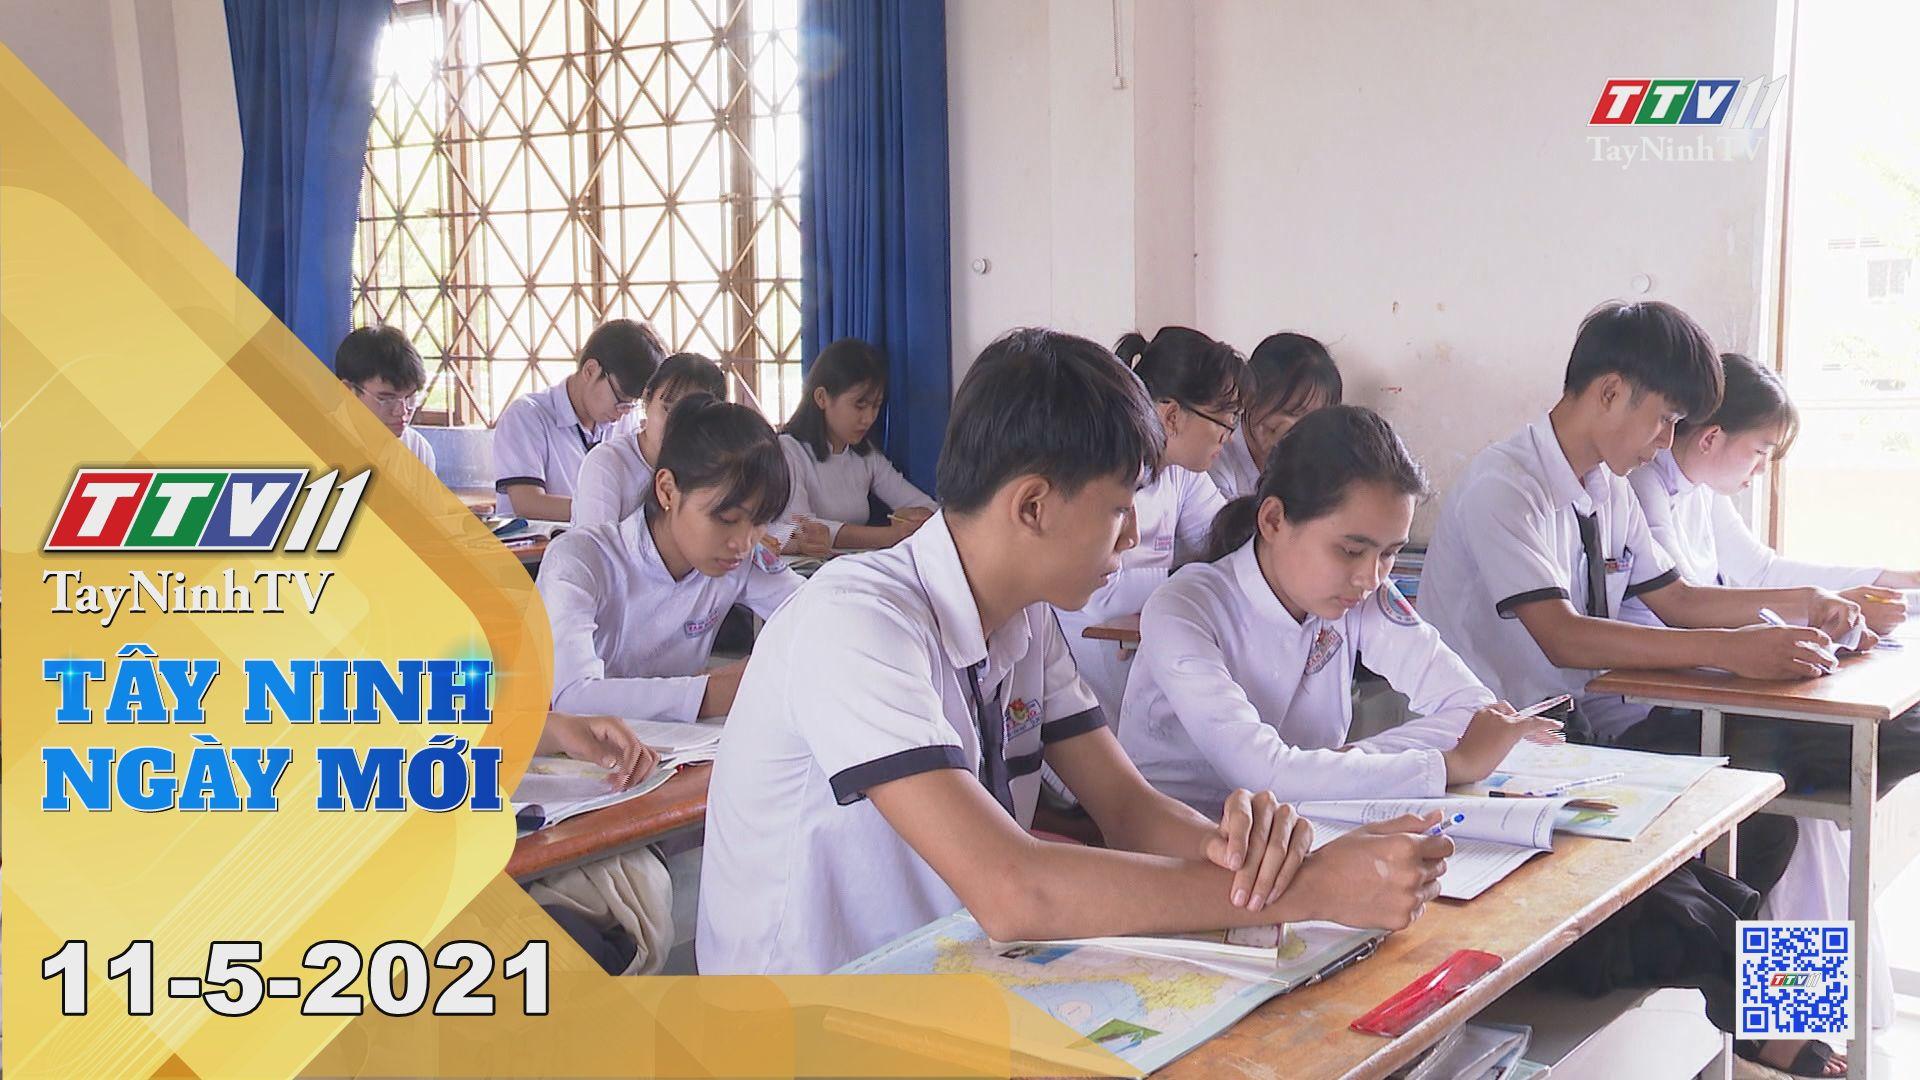 Tây Ninh Ngày Mới 11-5-2021 | Tin tức hôm nay | TayNinhTV